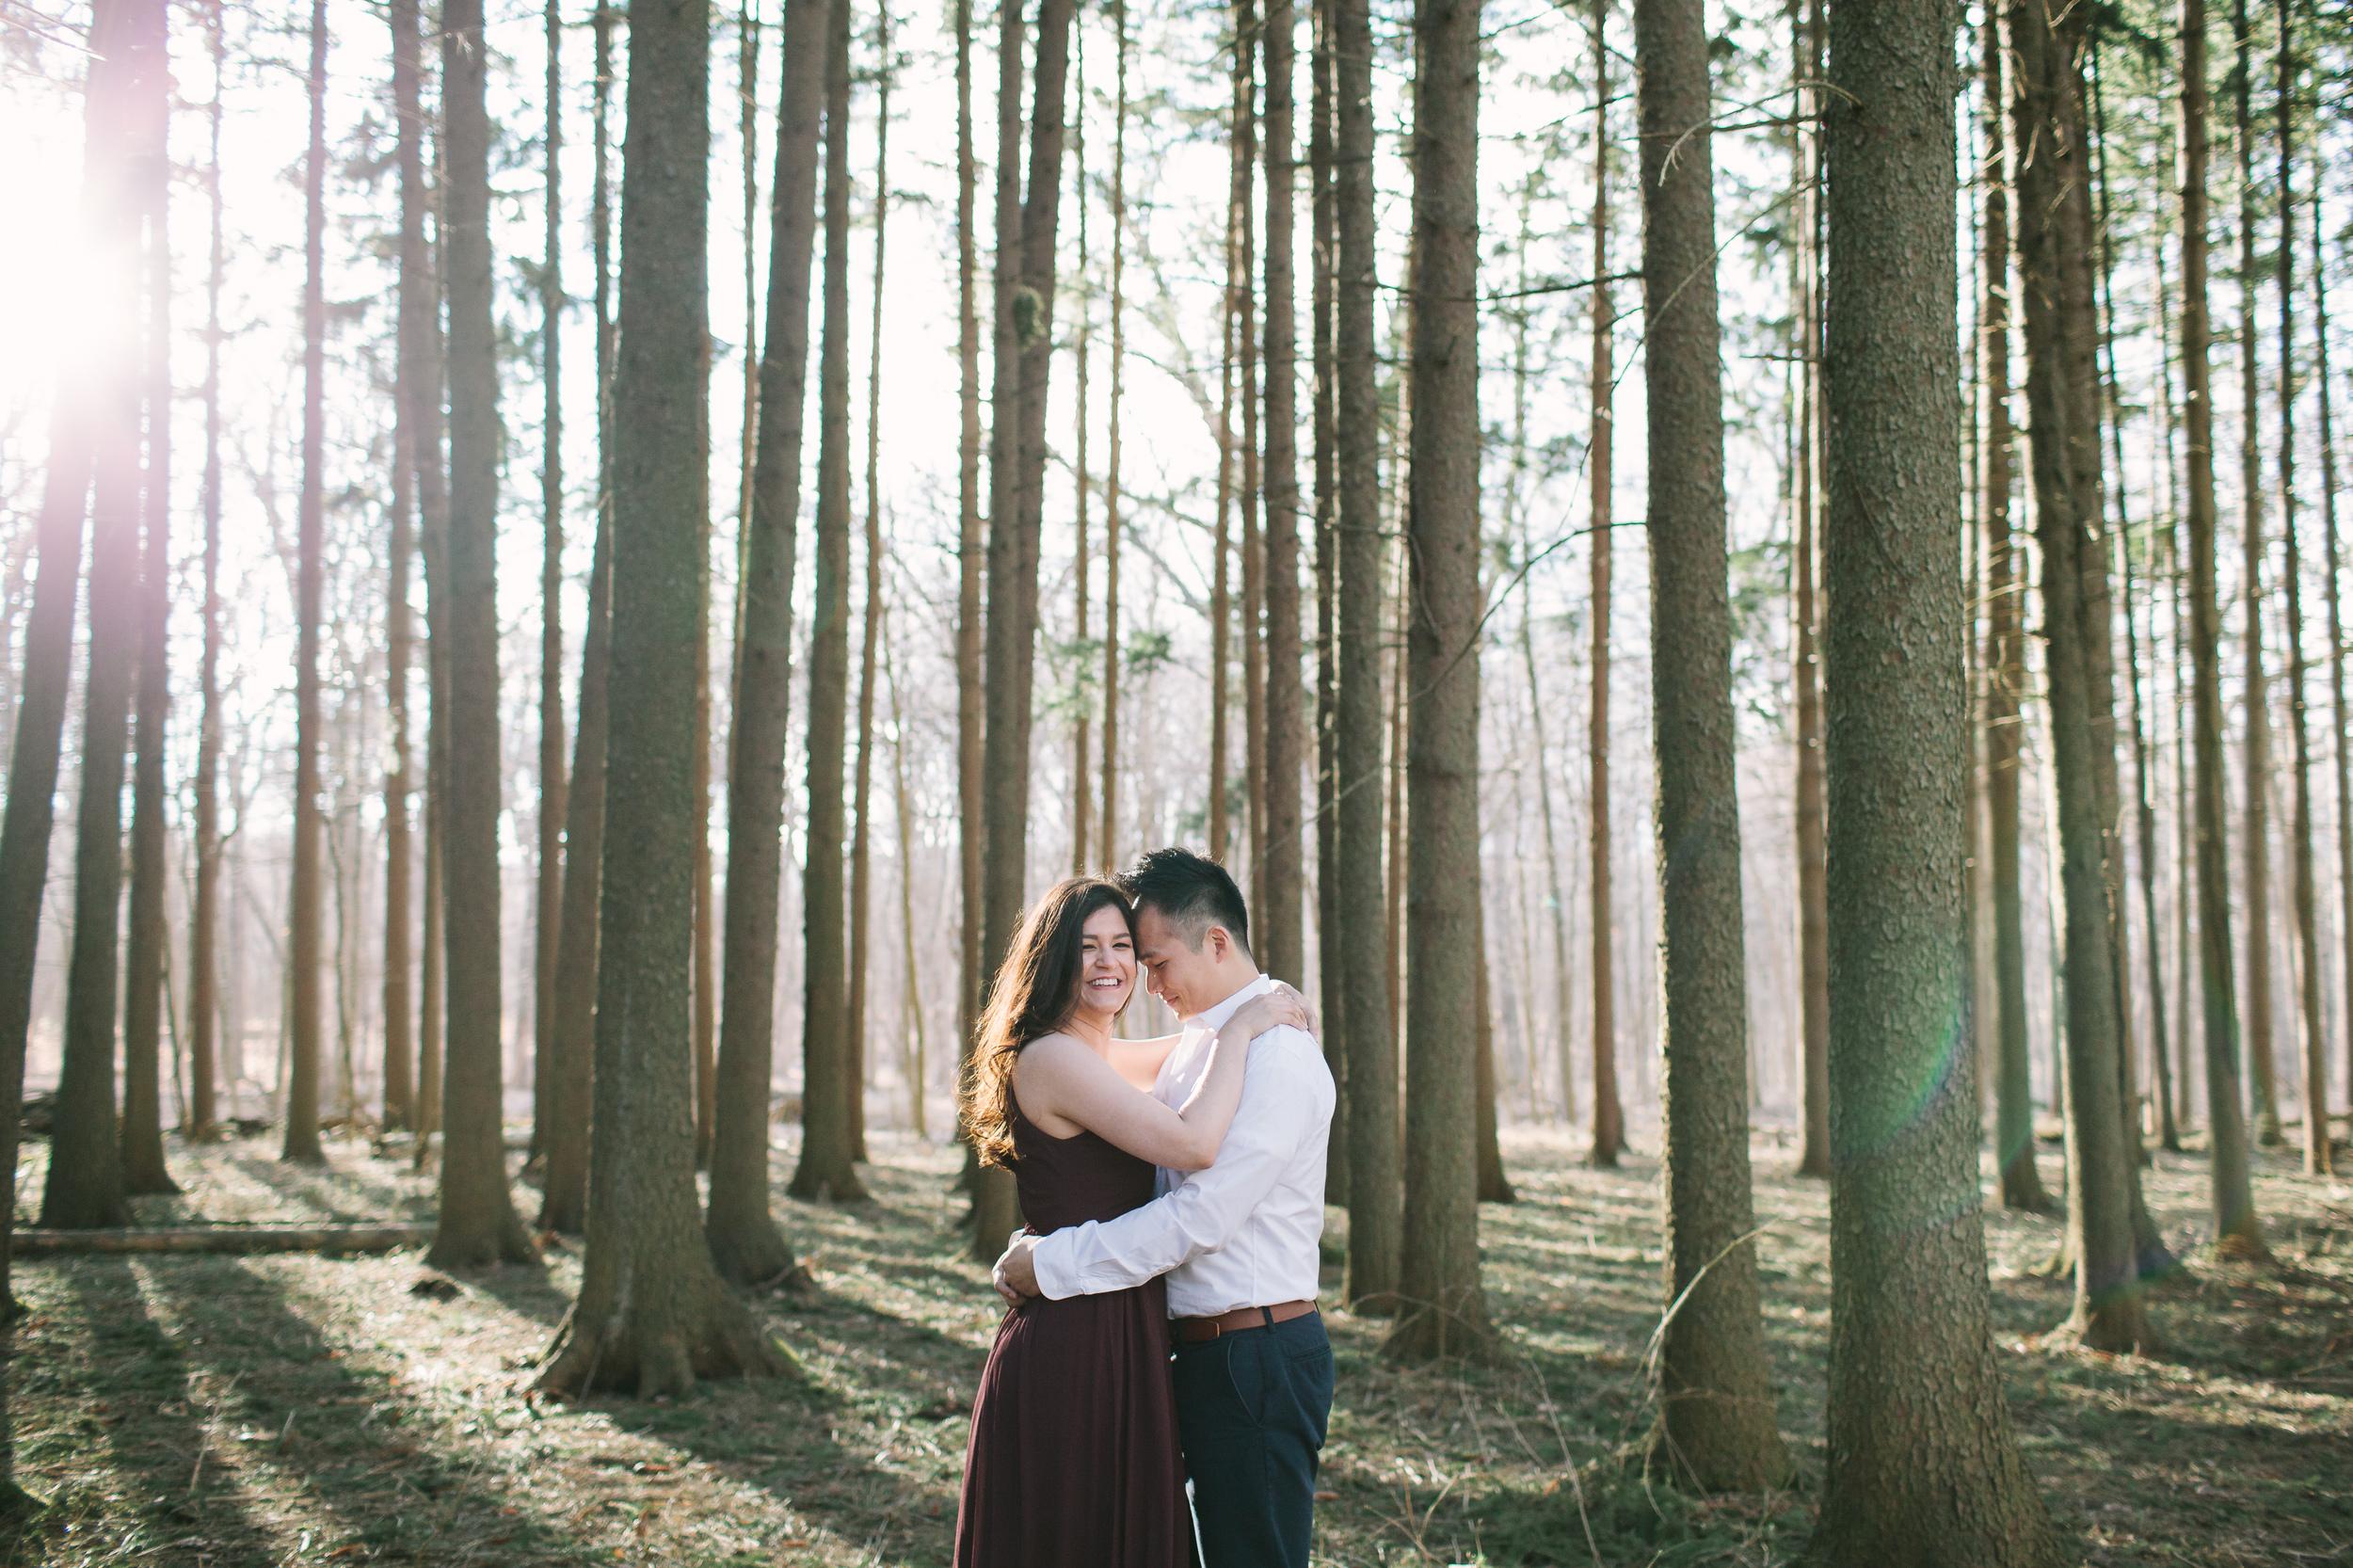 Nicodem Creative_Leung Engagement_Morton Arboretum-2.jpg